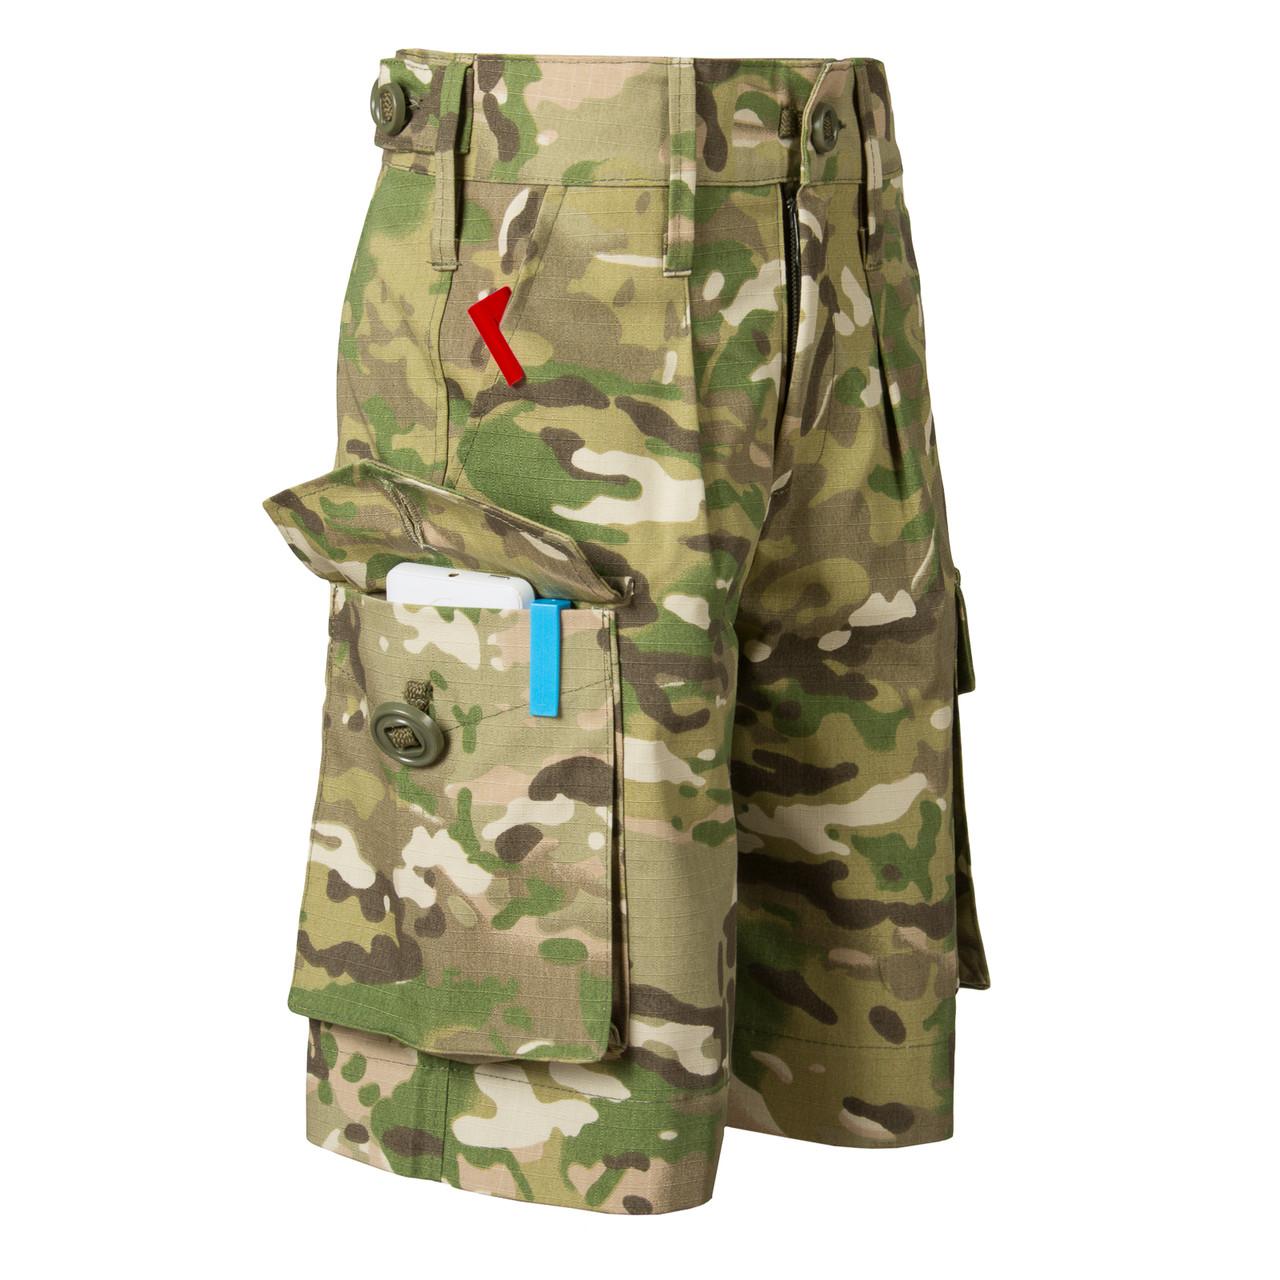 Детские камуфляжные шорты для мальчиков камуфляж Мультикам аналог военных шорт армии Британии